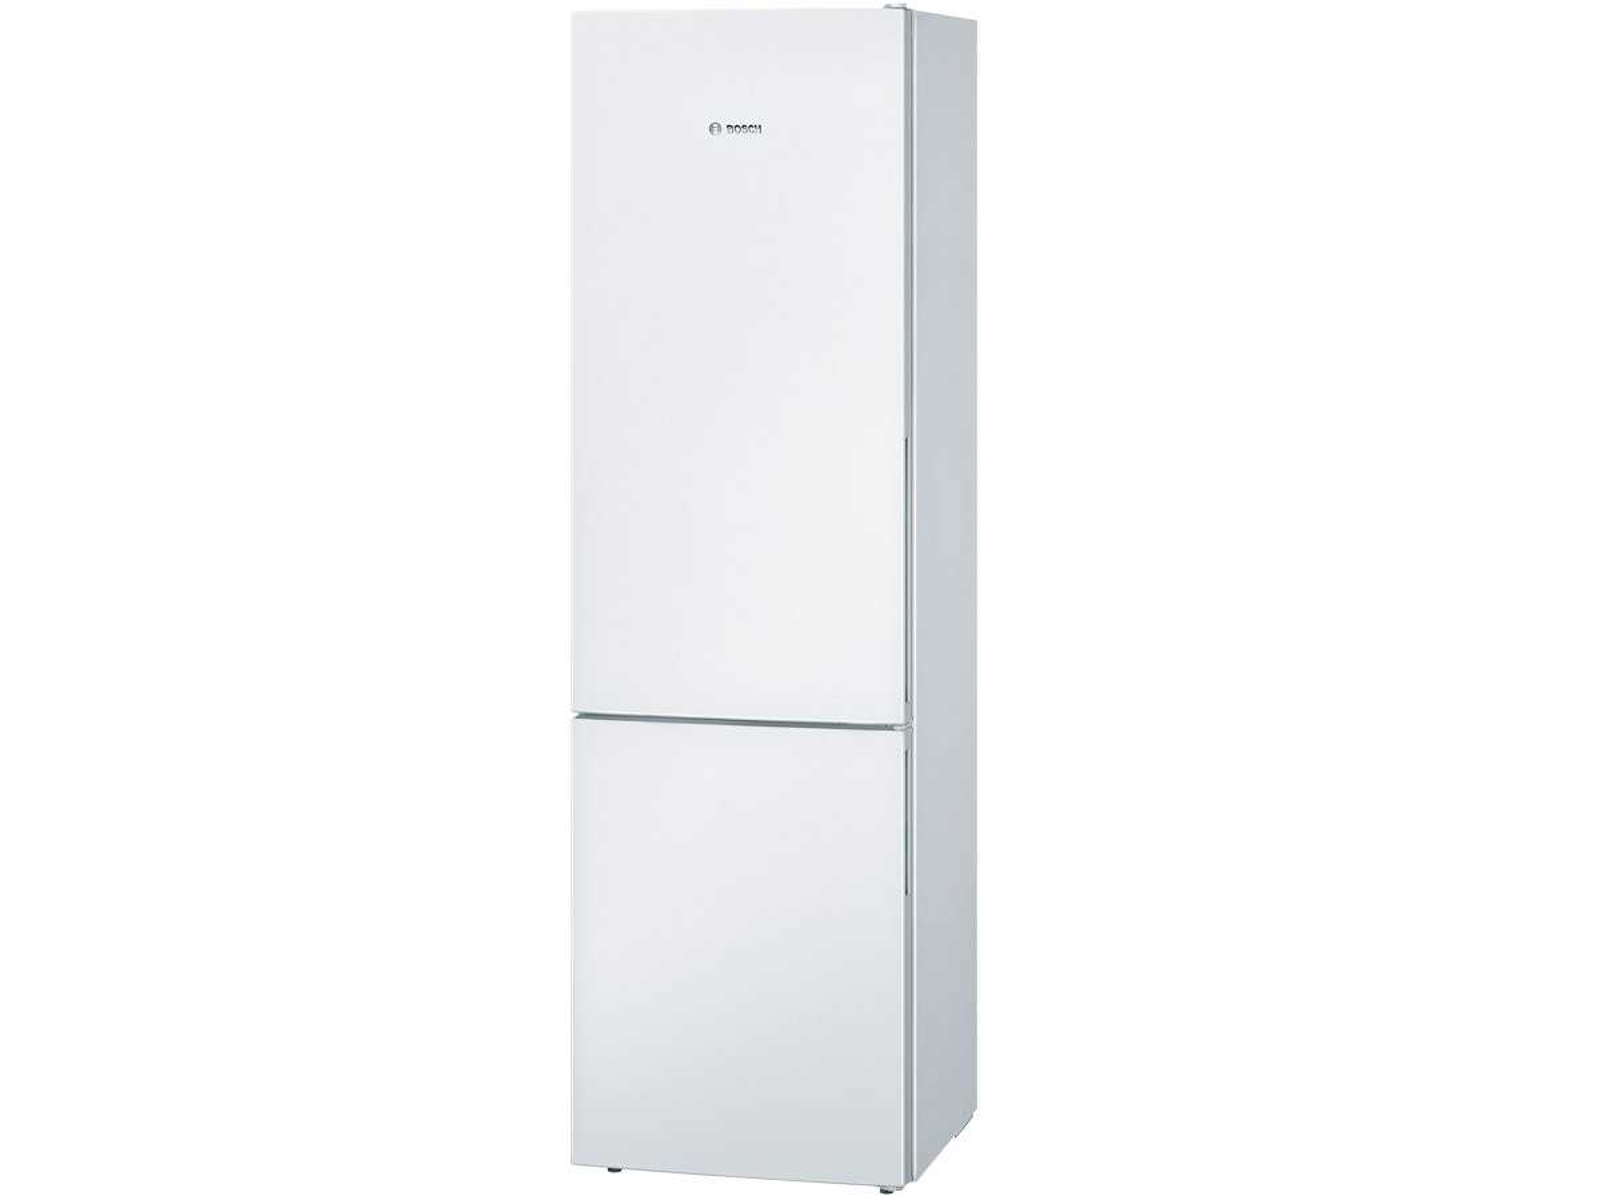 Bosch Kühlschrank Nostalgie : Bosch kgv vw kühl gefrierkombination weiß